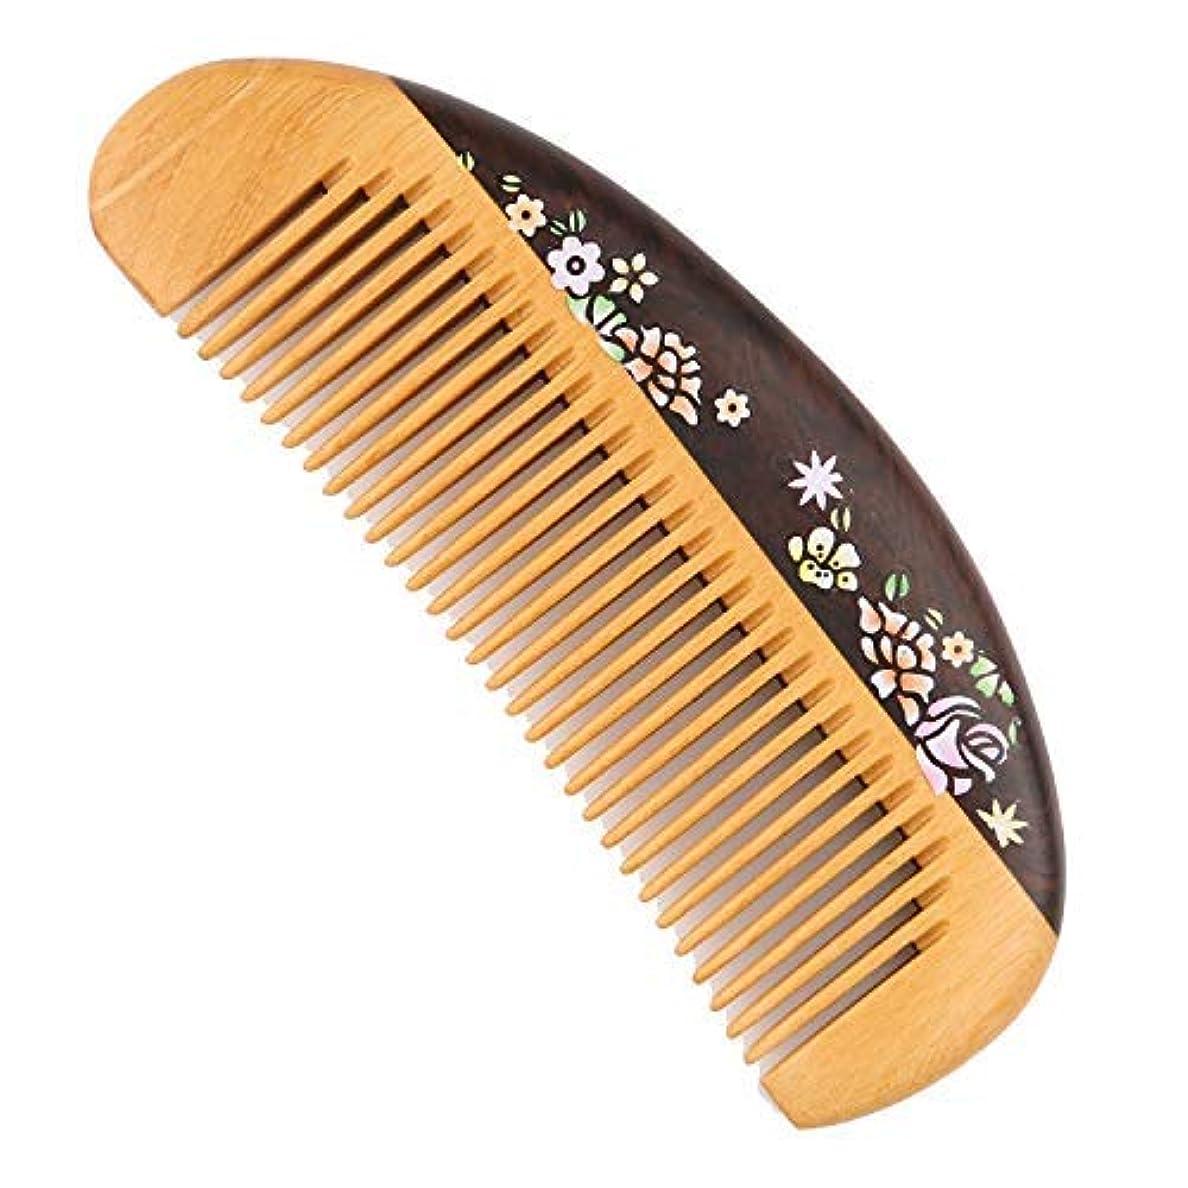 近代化する同封する寂しいFine Tooth Wooden Comb [Gift Box] -LilyComb No Static Pocket Wood Comb for Girl and Women- Birthday Anniversary...